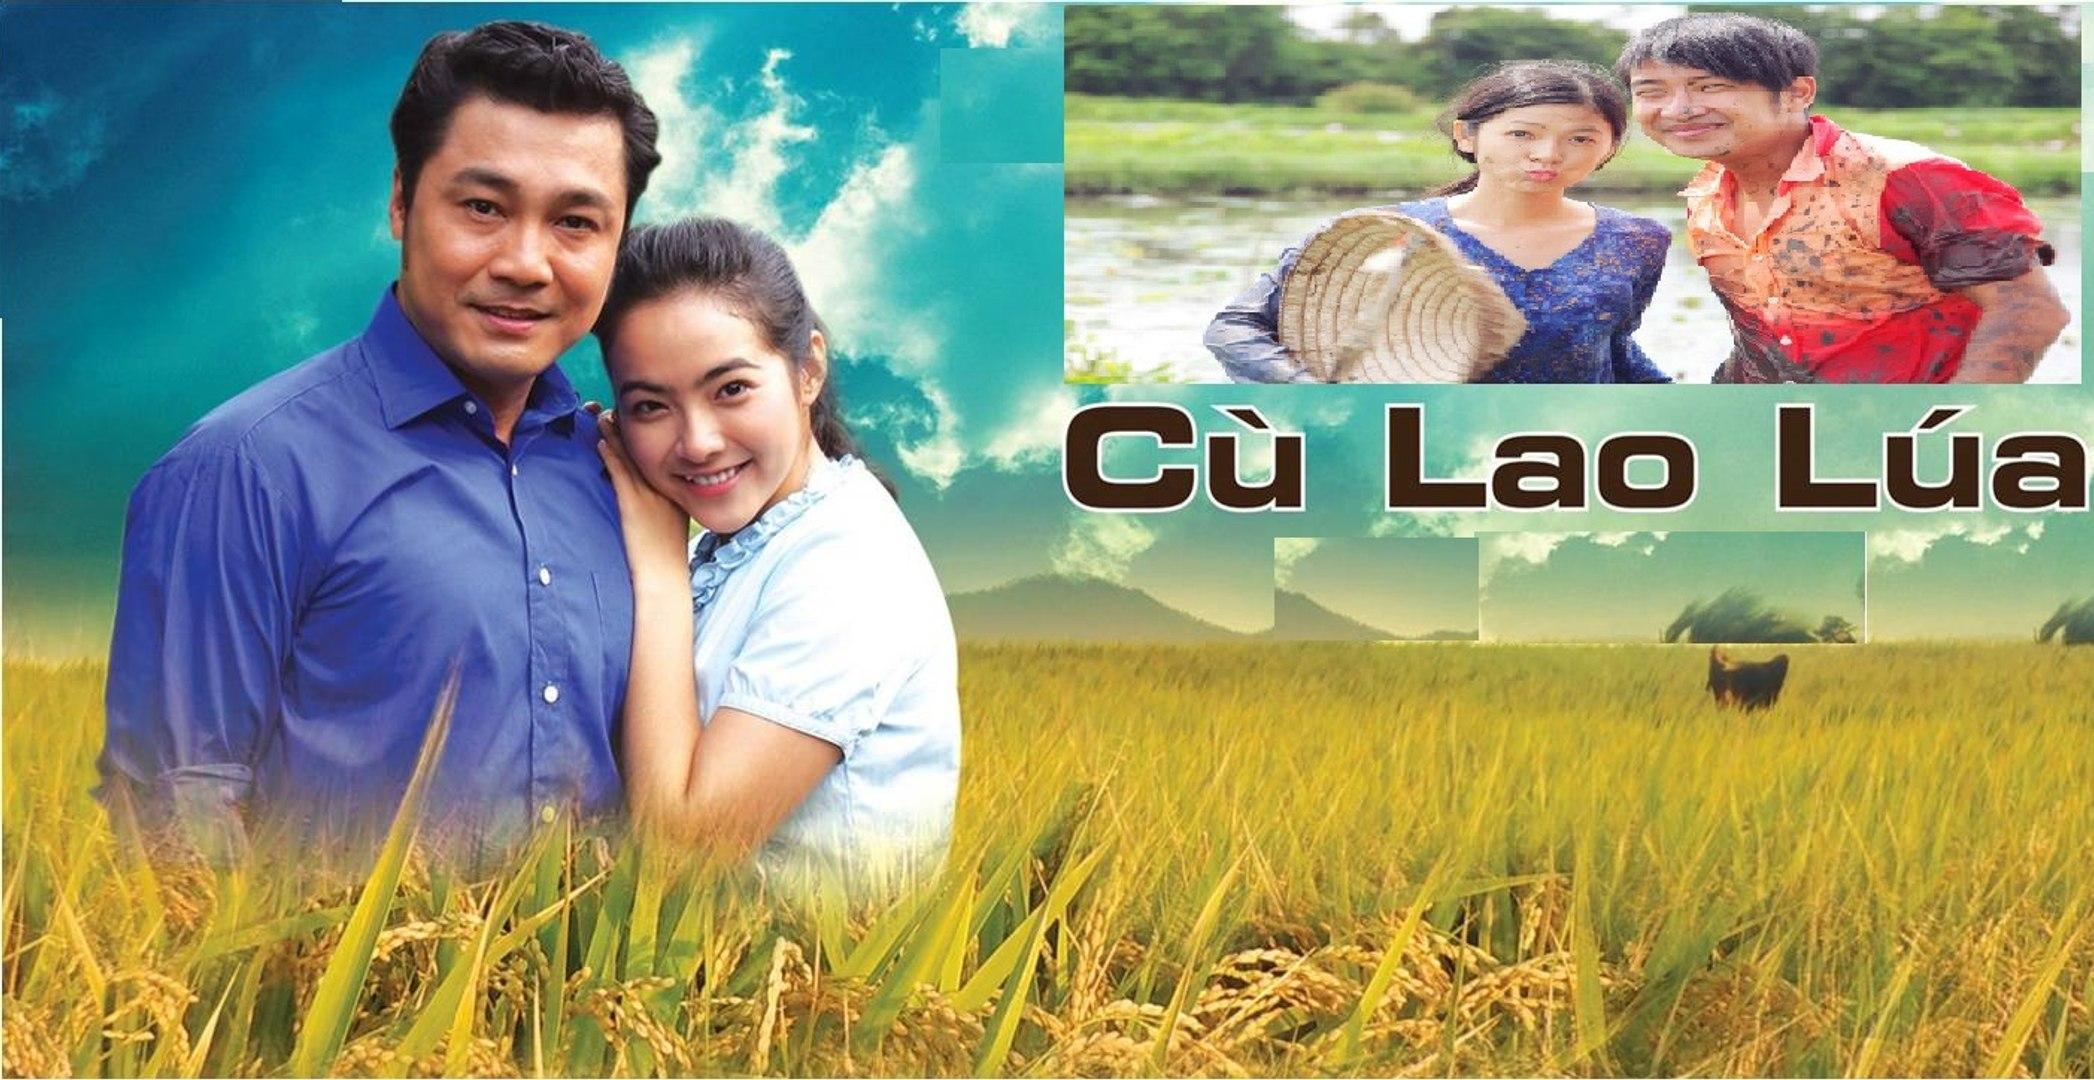 Phim Cù Lao Lúa Tập 6 - Phim Việt Nam - Phim Mới